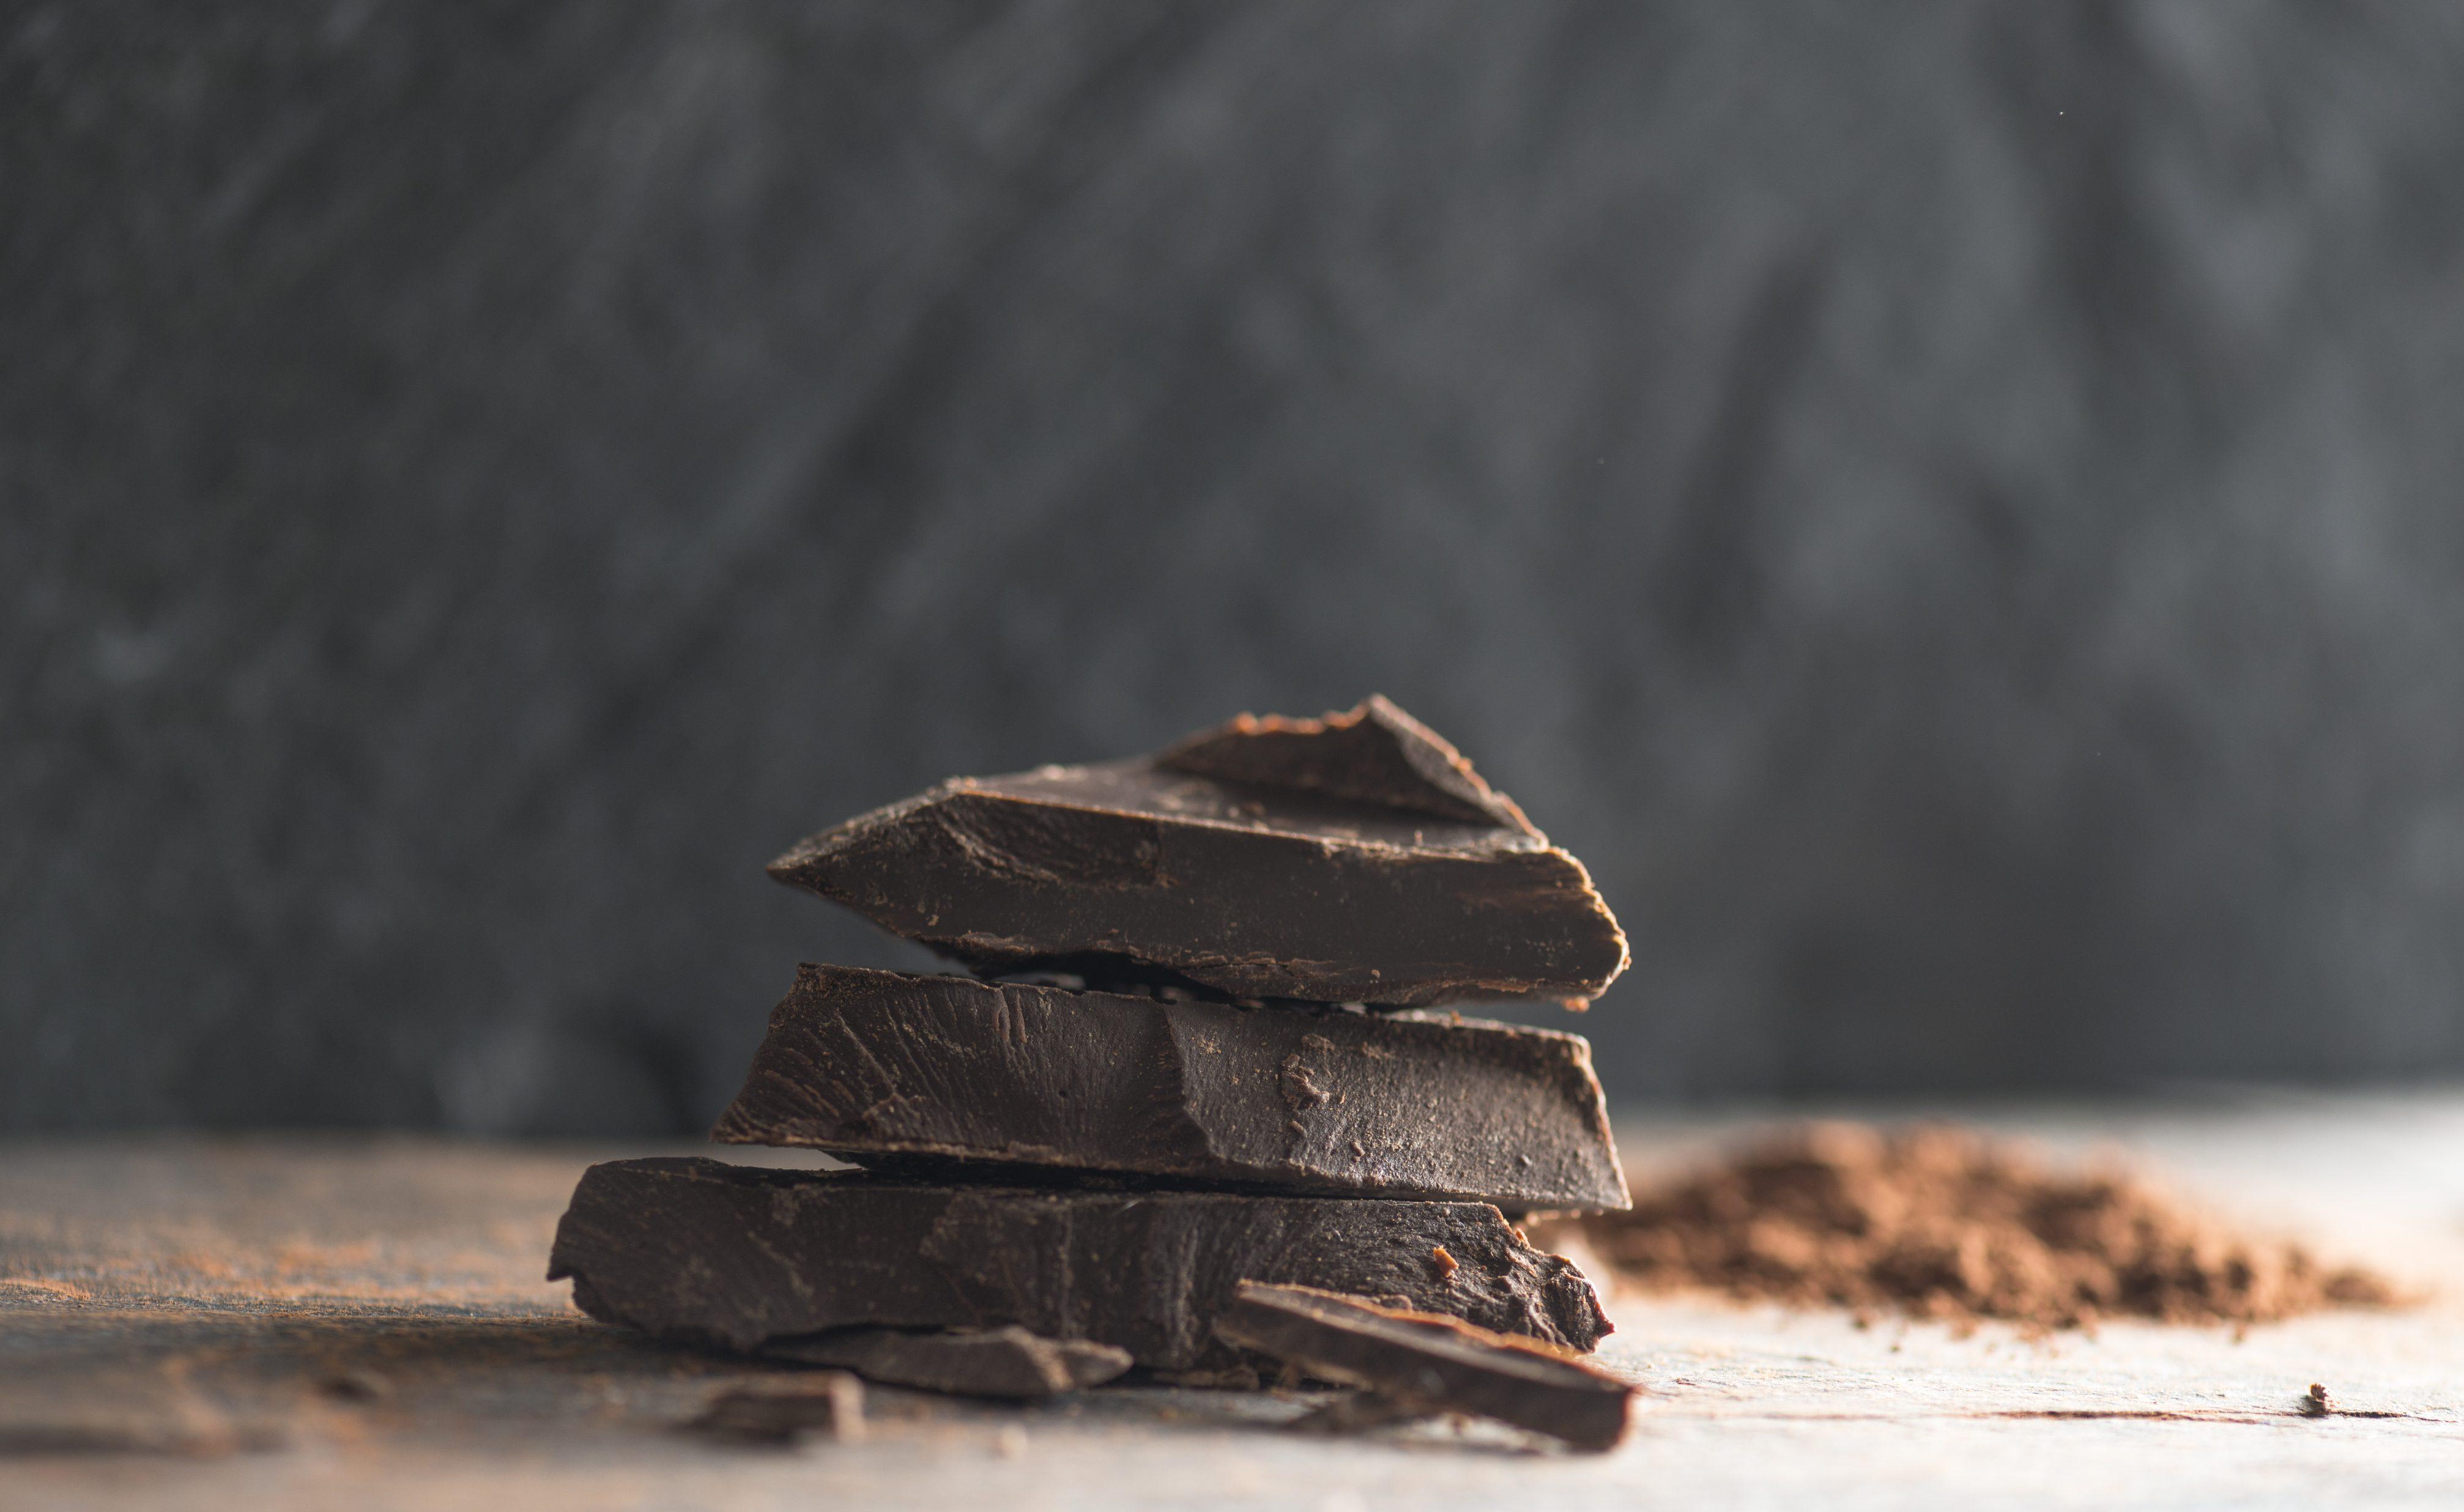 mangiare cioccolato fondente ti fa perdere peso